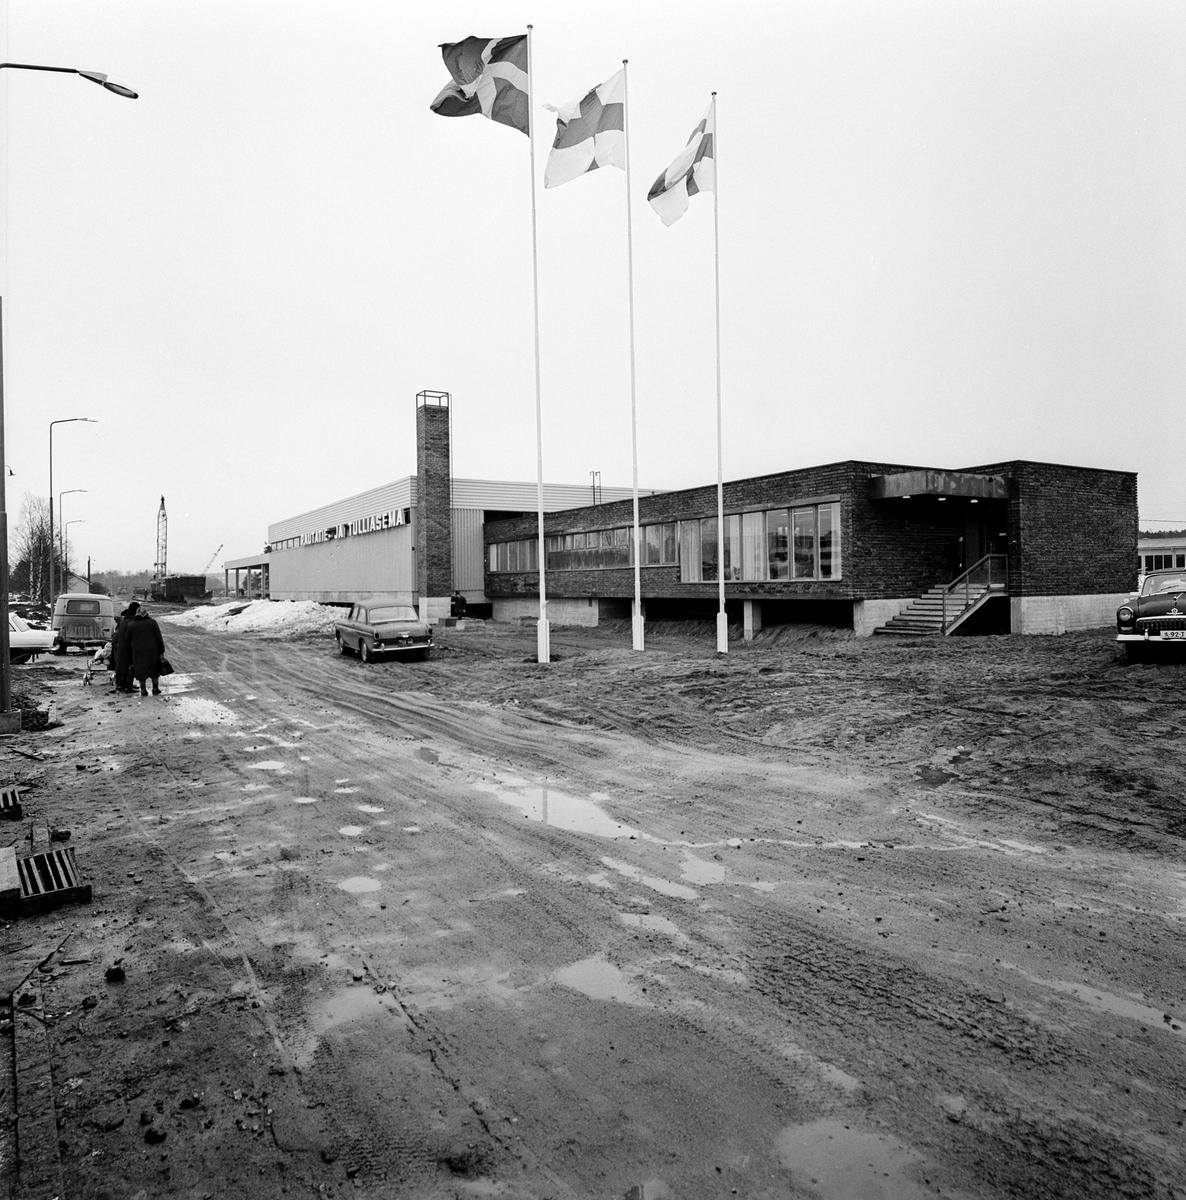 Anläggning i Nådendal. Tågfärja Värtan - Nådendal